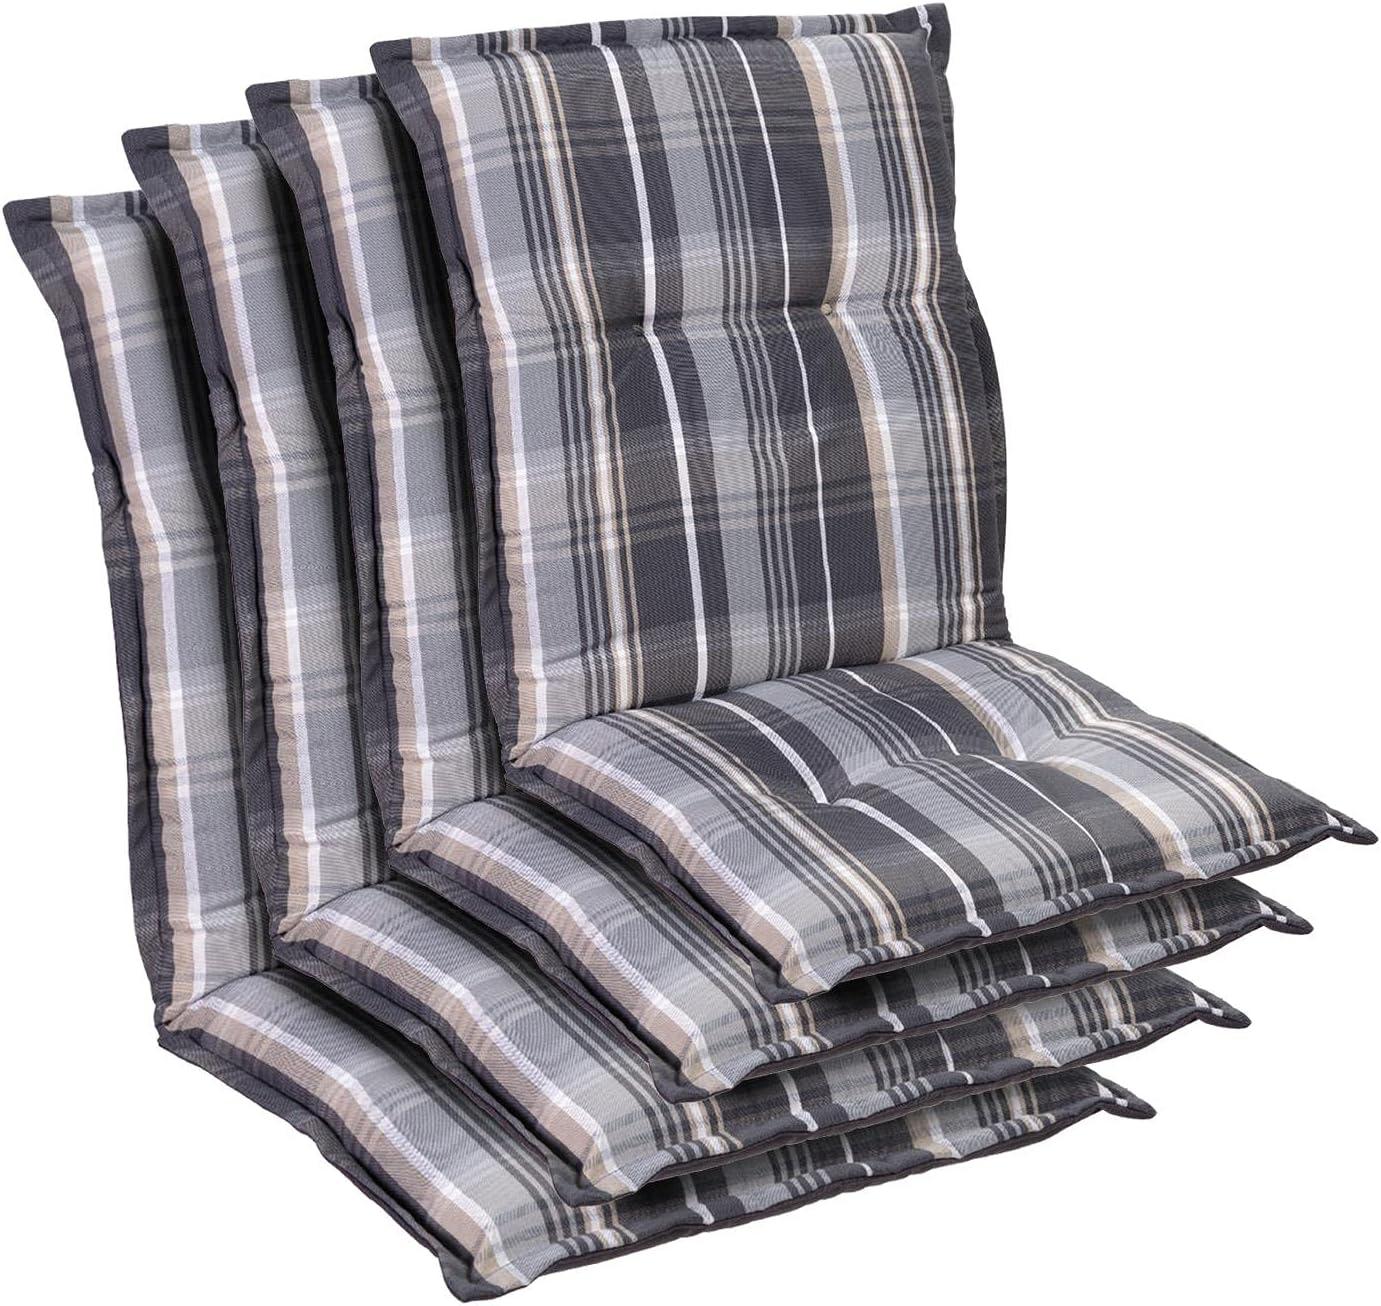 Homeoutfit24 Prato - Cojín Acolchado para sillas de jardín, Hecho en Europa, Respaldo bajo, Resistente a los Rayos UV, Poliéster, Relleno de Espuma, 103 x 52 x 8 cm, 4 Unidades, Gris/Blanco